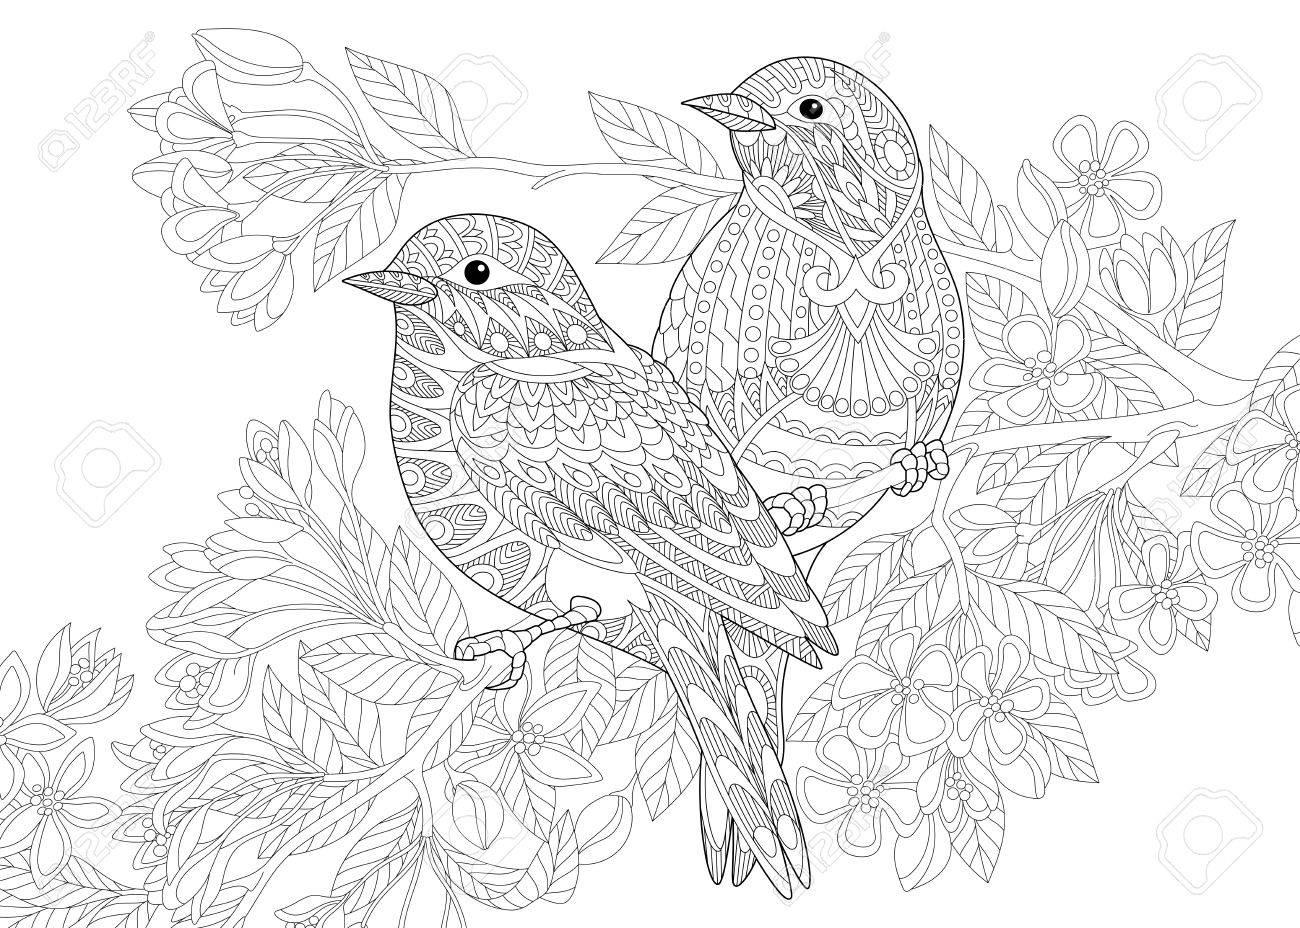 Dibujo Para Colorear De Dos Pájaros. Dibujo De Bosquejo A Mano ...